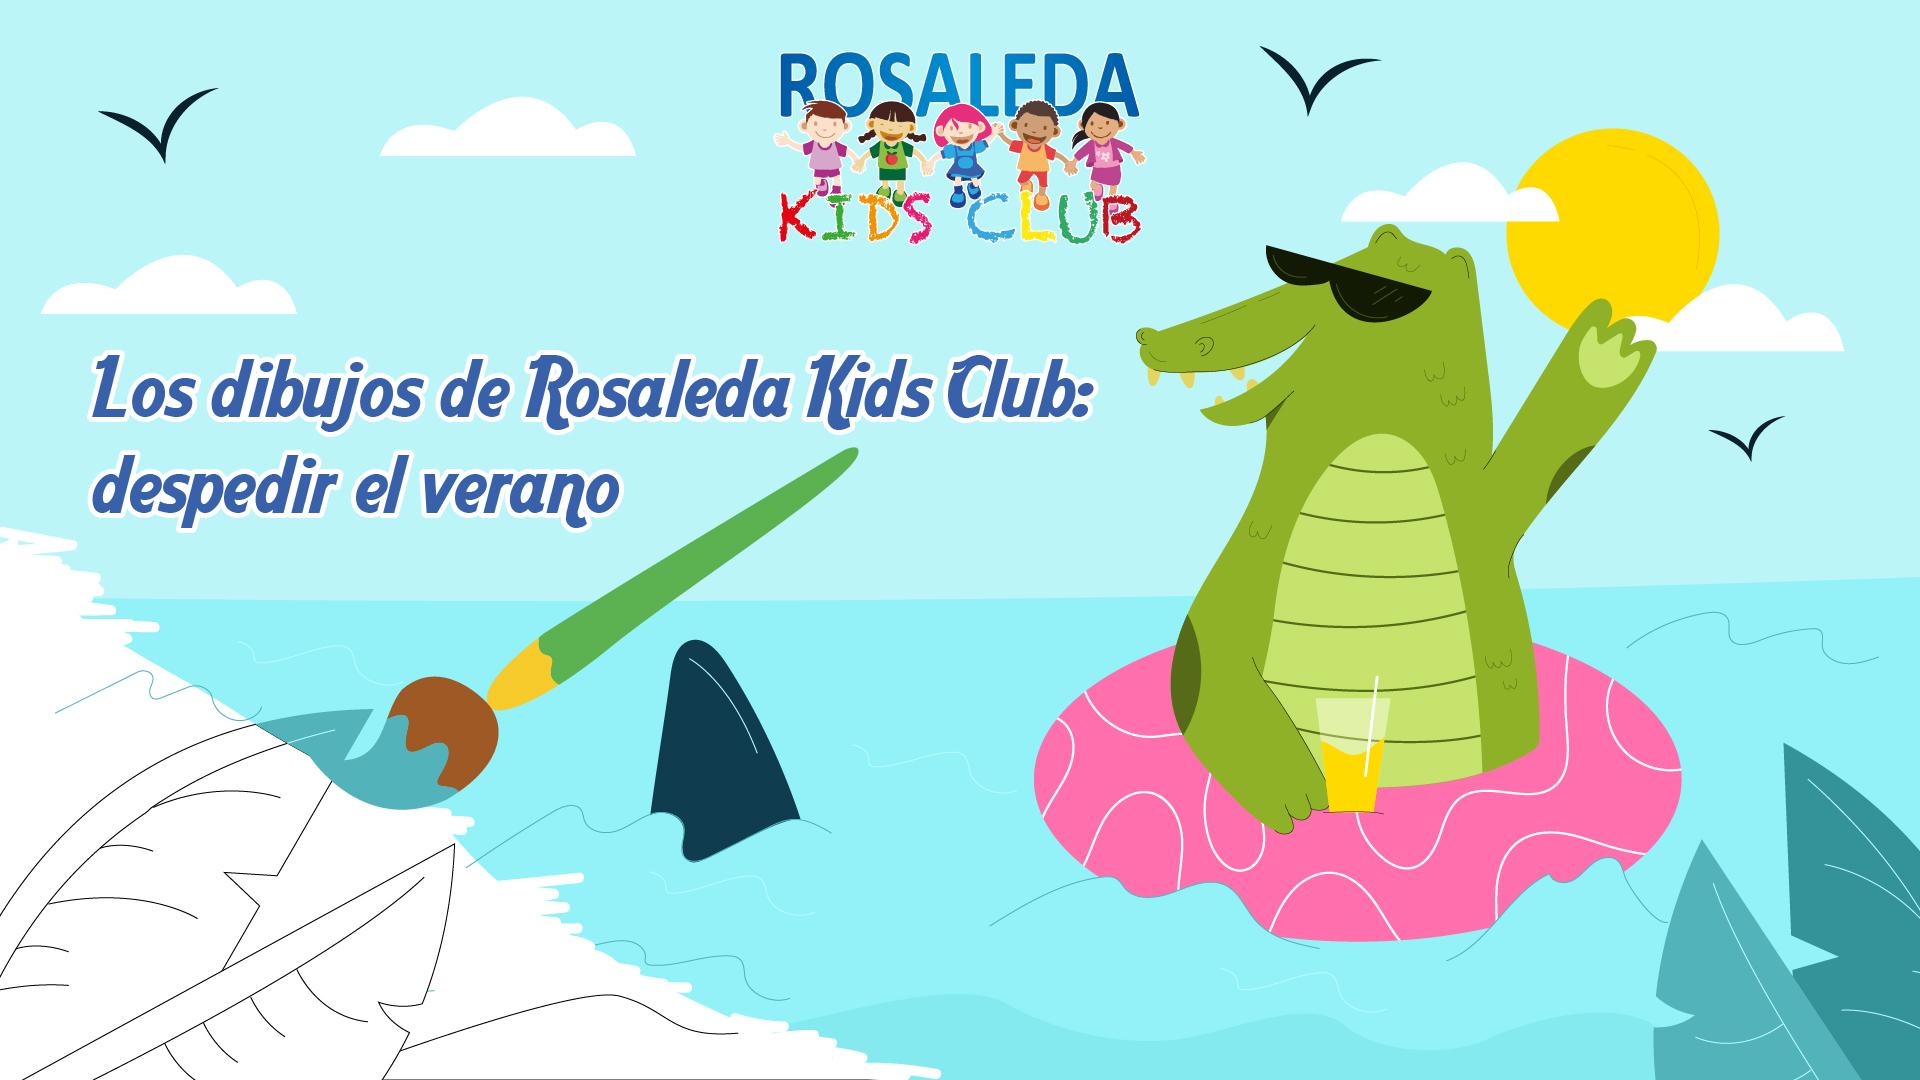 Los dibujos de Rosaleda Kids Club despedir el verano